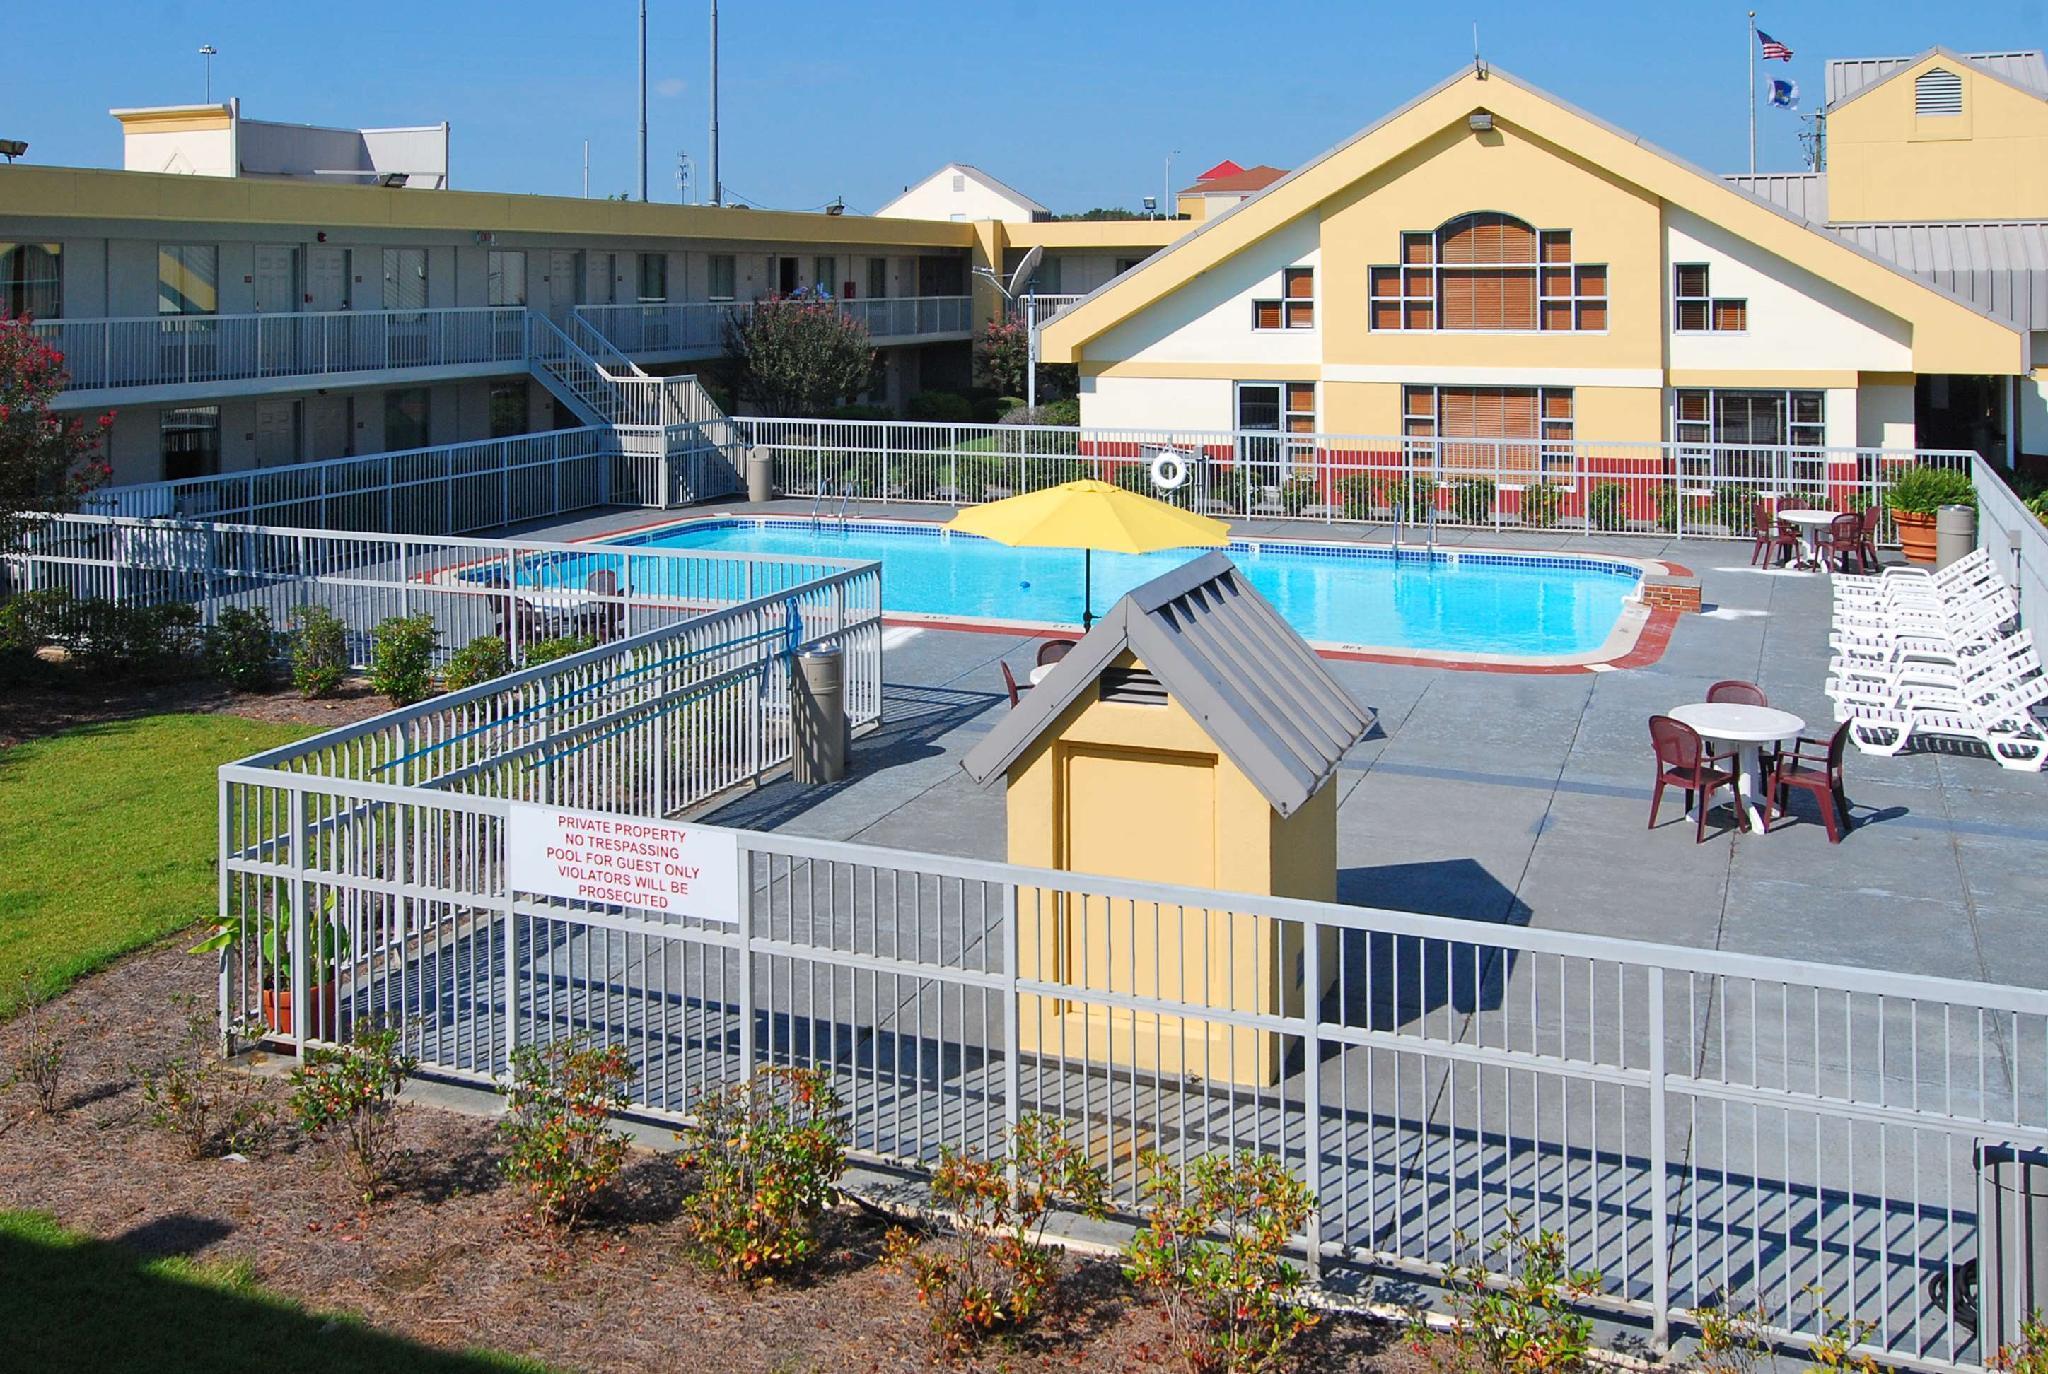 Best Western Park Plaza Motor Inn